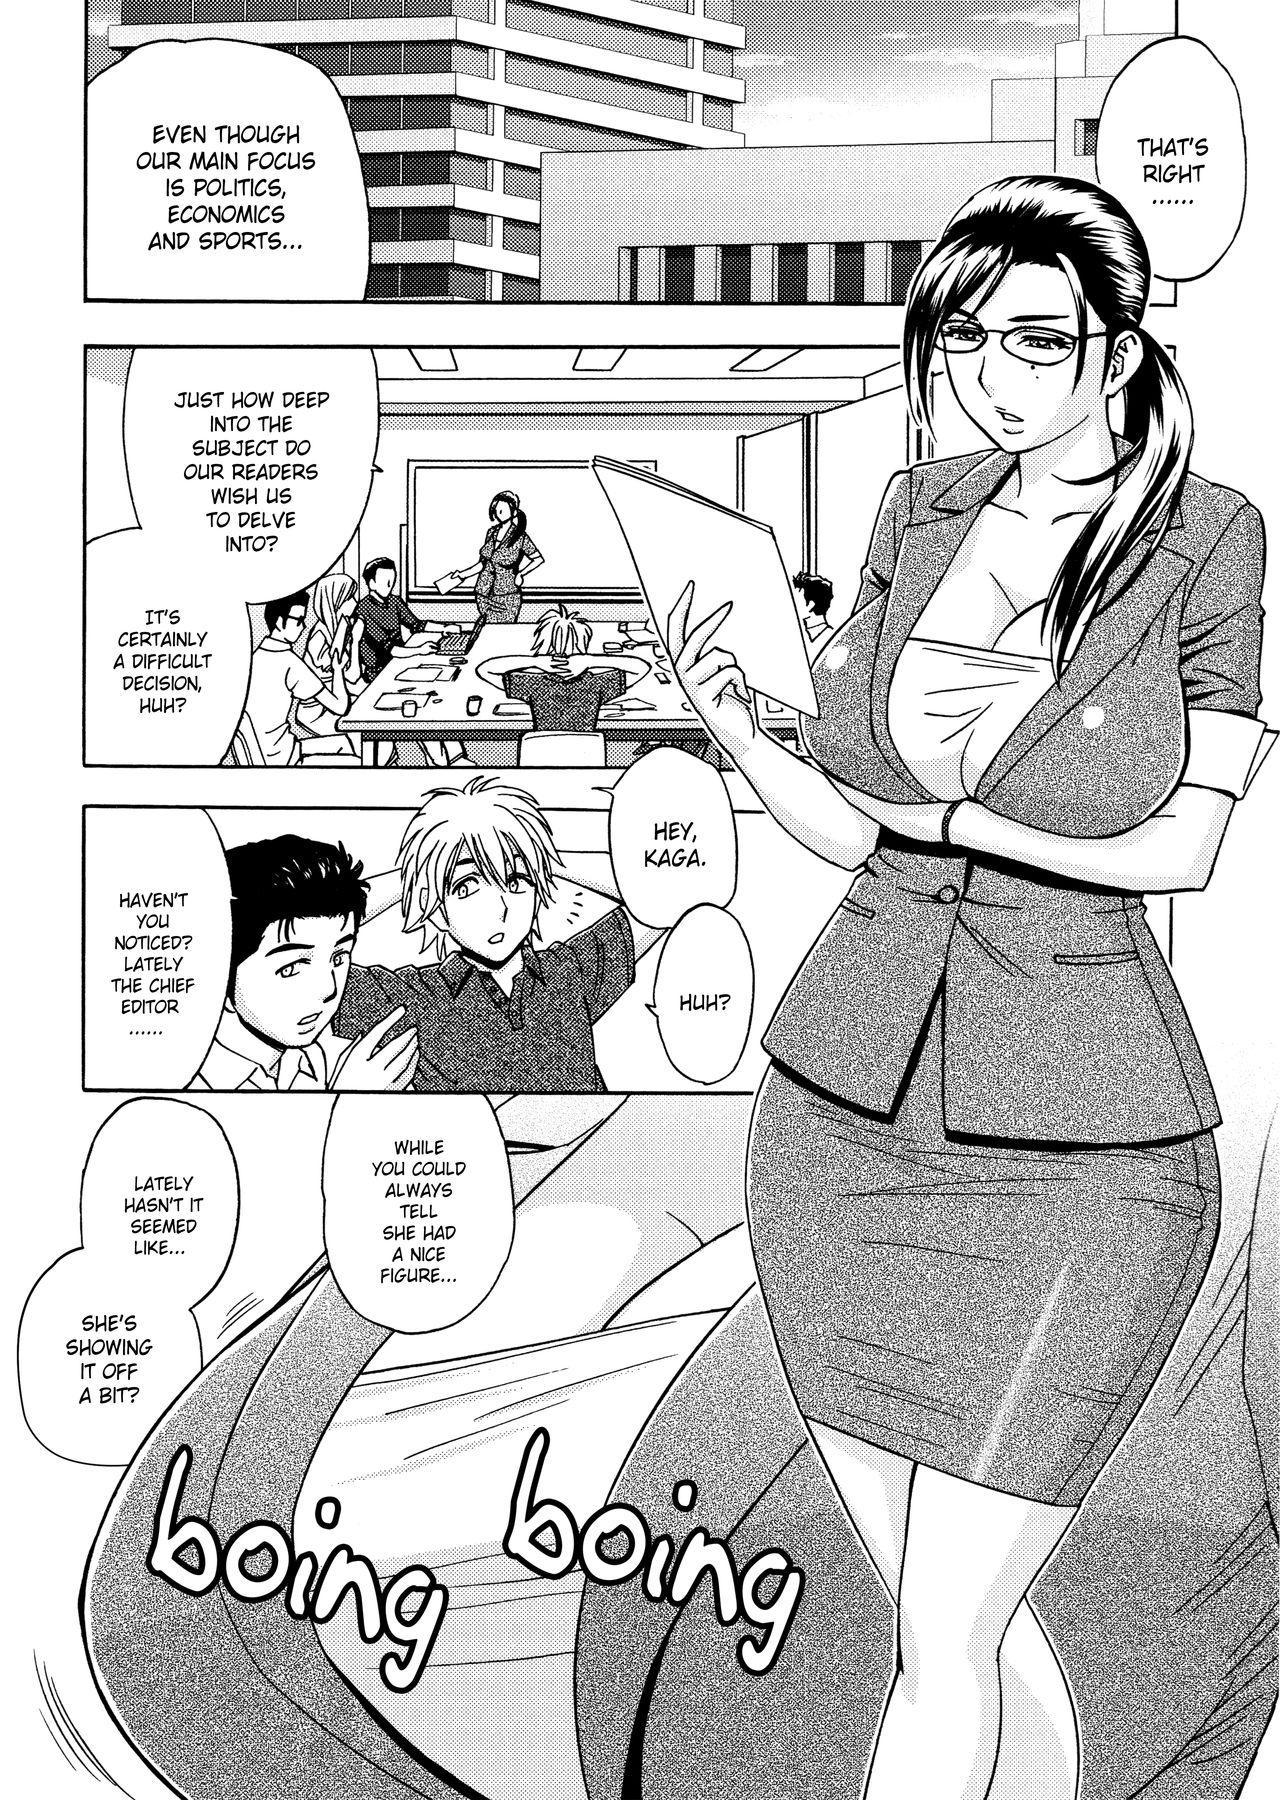 [Tatsunami Youtoku, Yamasaki Masato] Bijin Henshuu-chou no Himitsu | Beautiful Editor-in-Chief's Secret Ch. 1-8 [English] [Forbiddenfetish77, Red Vodka, Crystalium, CEDR777] [Decensored] 25